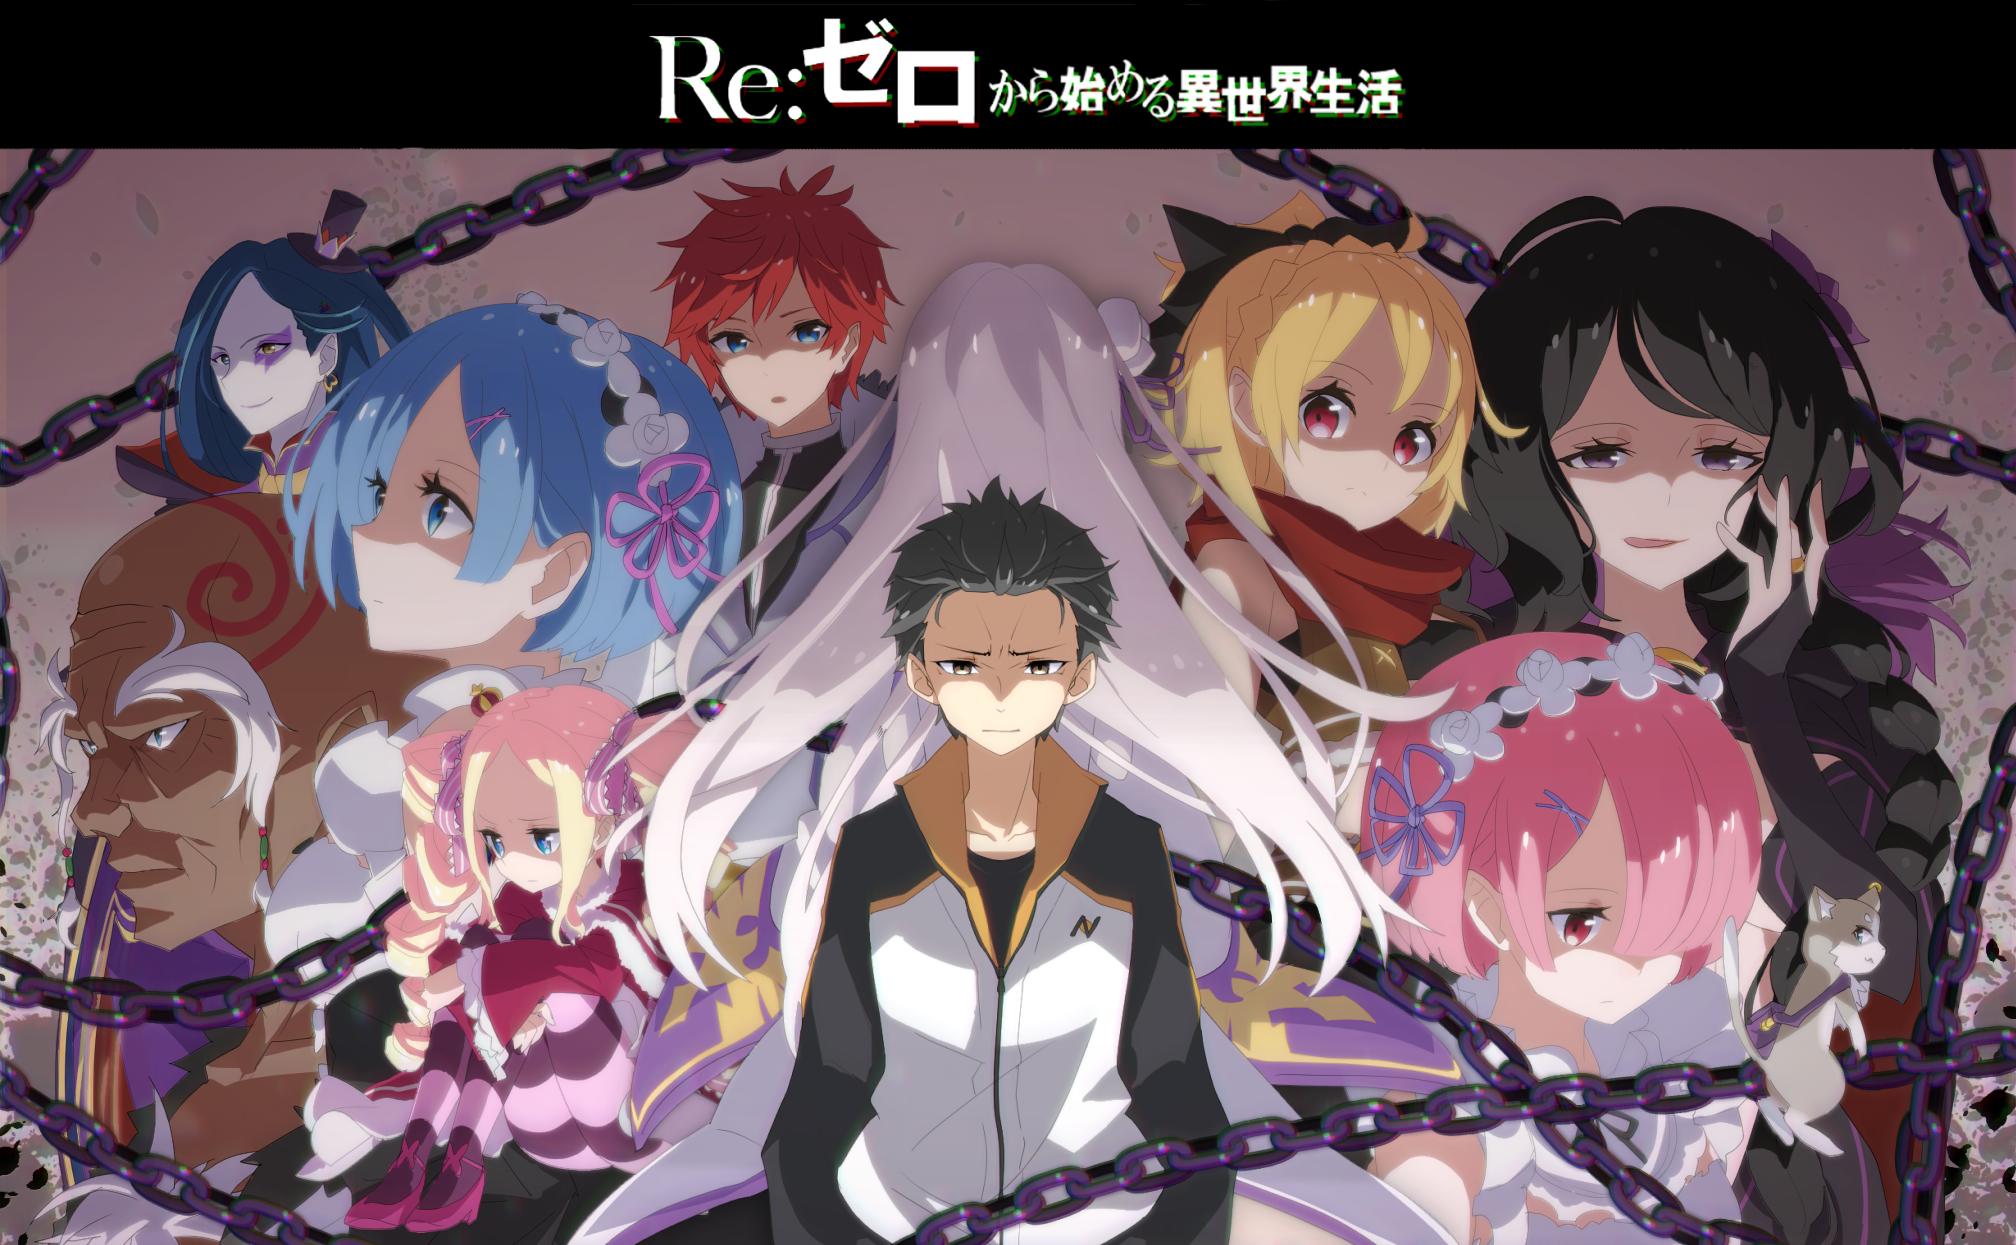 """Re: Zero kara Hajimeru isekai Seikatsu (Acortado como ReZero) es un anime de 2016 que ha tenido un gran impacto en el mundillo otaku. Su trama y la evolución argumentativa es extraordinaria y, aunque sea lento, es, con diferencia, de lo mejor que se ha producido en los últimos años. Basado en las novelas ligeras del mismo nombre y con una extension de 25 capítulos, ReZero nos contará la historia de Subaru Natsuki un estudiante de secundaria que repentinamente es invocado a otro mundo mientras regresaba del supermercado. Con la mayor crisis de su vida, hikkomori perdido y sin saber quién lo llevó ahí, las cosas se ponen peores cuando es atacado por unos bándalos. Por suerte, es salvado por una misteriosa chica de cabellos plateados con un gato mágico. Subaru, a cambio, intenta de devolver el favor ayudándola a recuperar algo que le robaron. Cuando finalmente consigue una pista, Subaru y la chica son atacados y asesinados por alguien. Sin embargo, Subaru se despierta en el lugar desde donde fue invocado y nota que ha ganado la habilidad para """"volver de la muerte"""". Esto lo convertirá en un chico desesperanzado cuya única habilidad es retroceder el tiempo a un cierto punto muriendo. Más allá del disparate, ¿podrá salvar la chica del destino y de la muerte?"""